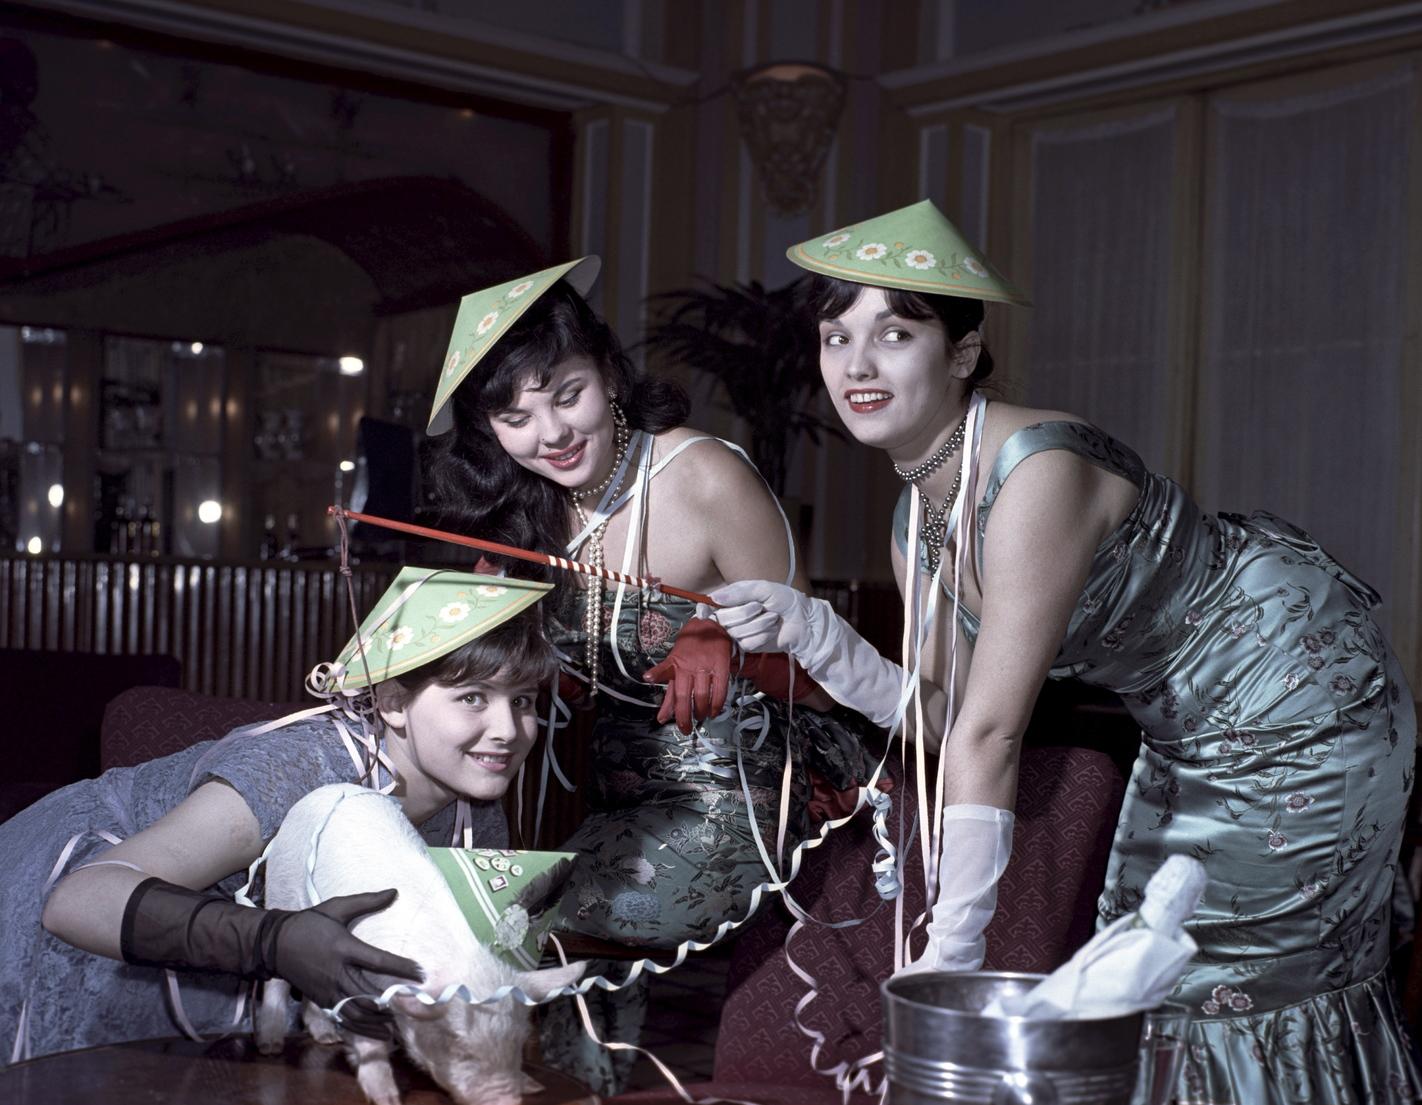 Magyarország, 1960. december 31. Modellek mosolyogva pózolnak egy, az új évben szerencsét hozó szilveszteri kismalaccal. A felvétel készítésének pontos helye ismeretlen. MTI Fotó: Bajkor József